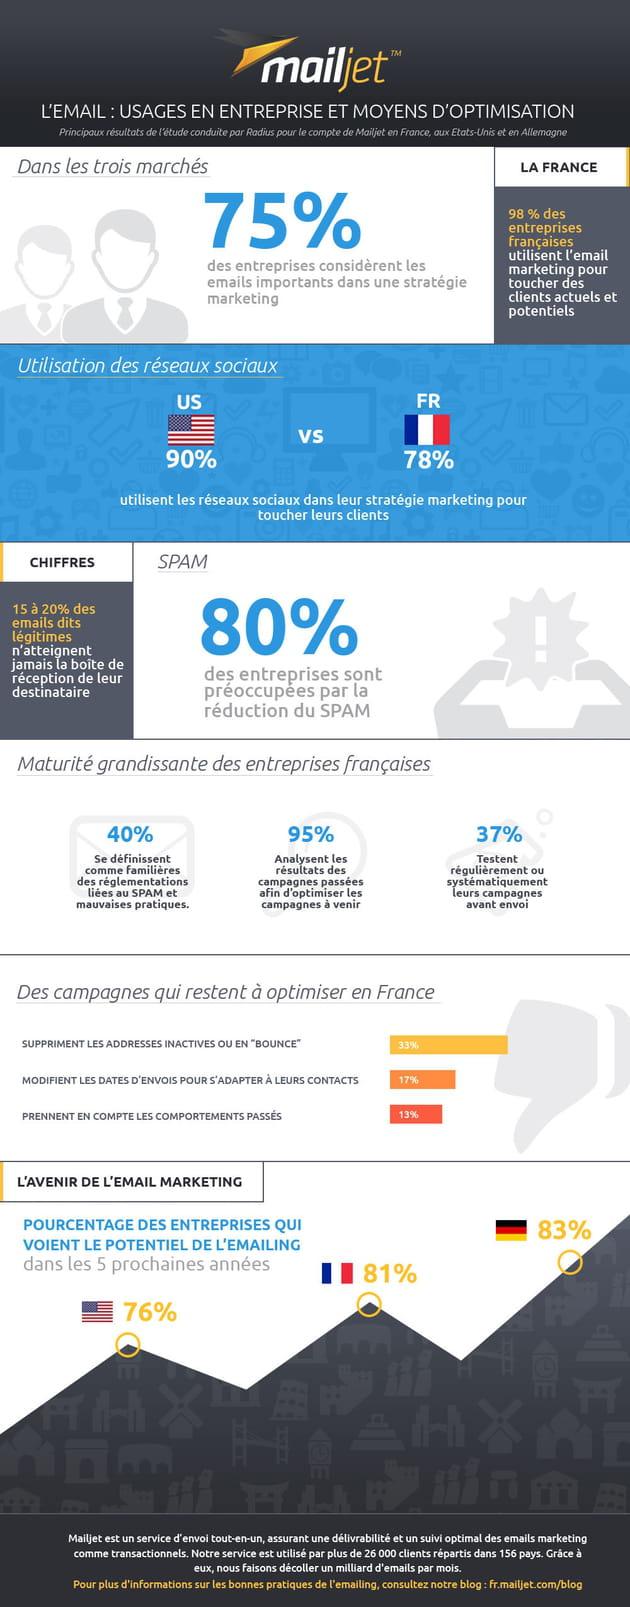 mailjet 2015 survey fr reviewed